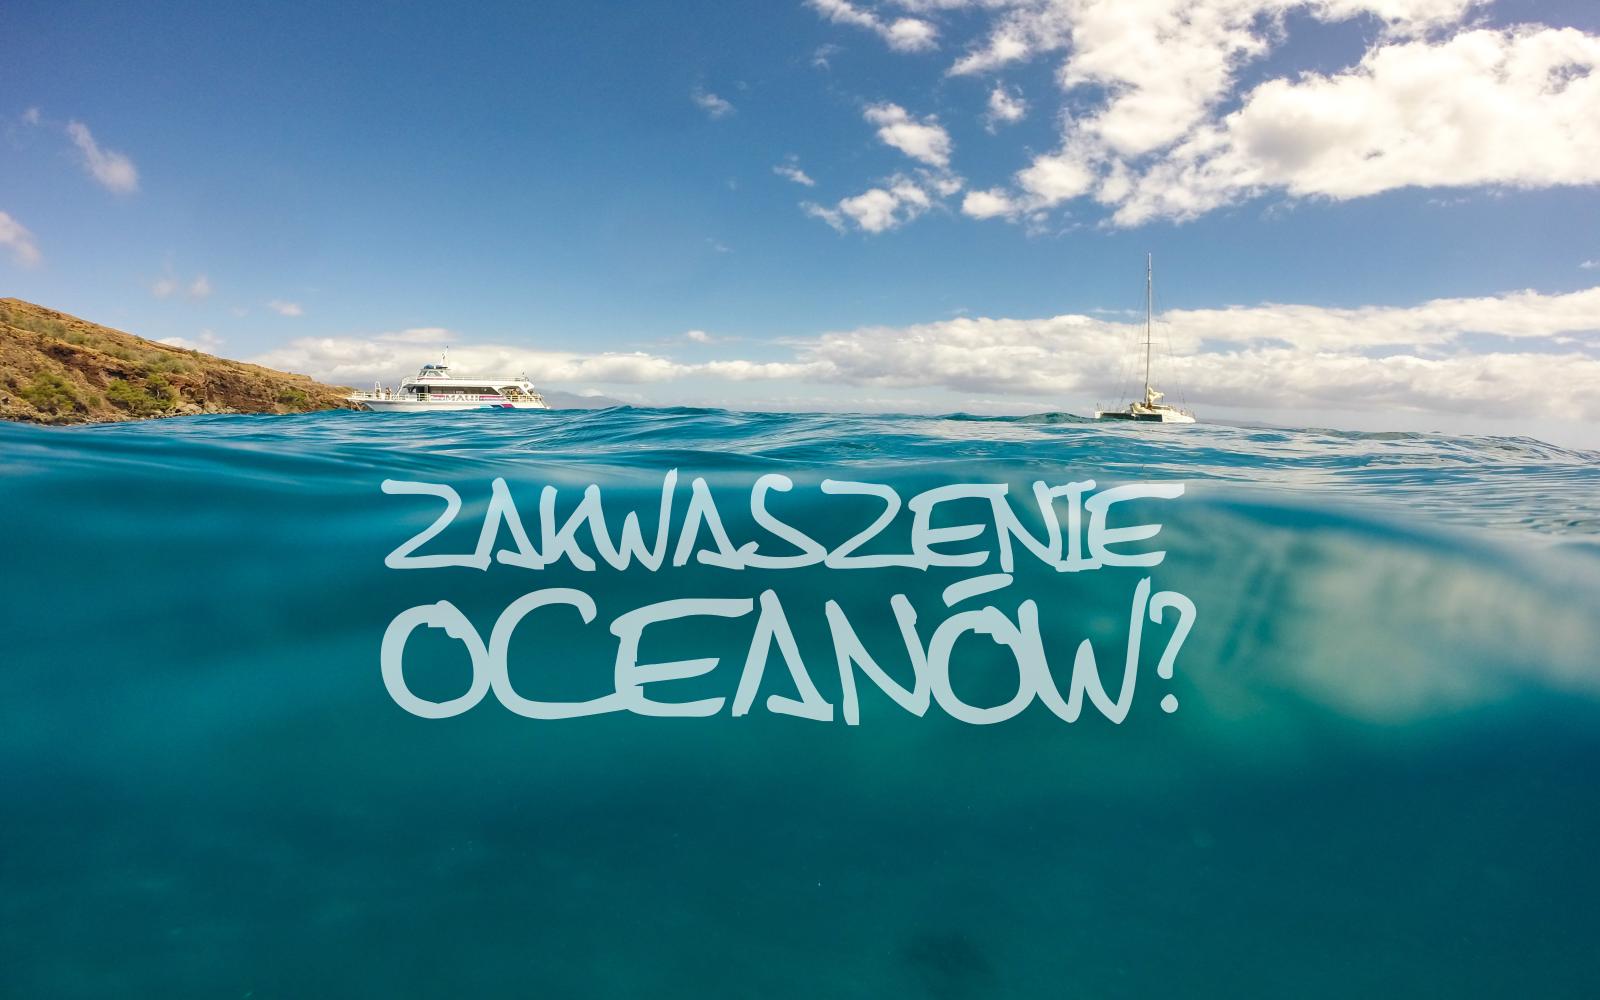 zakwaszenie oceanów